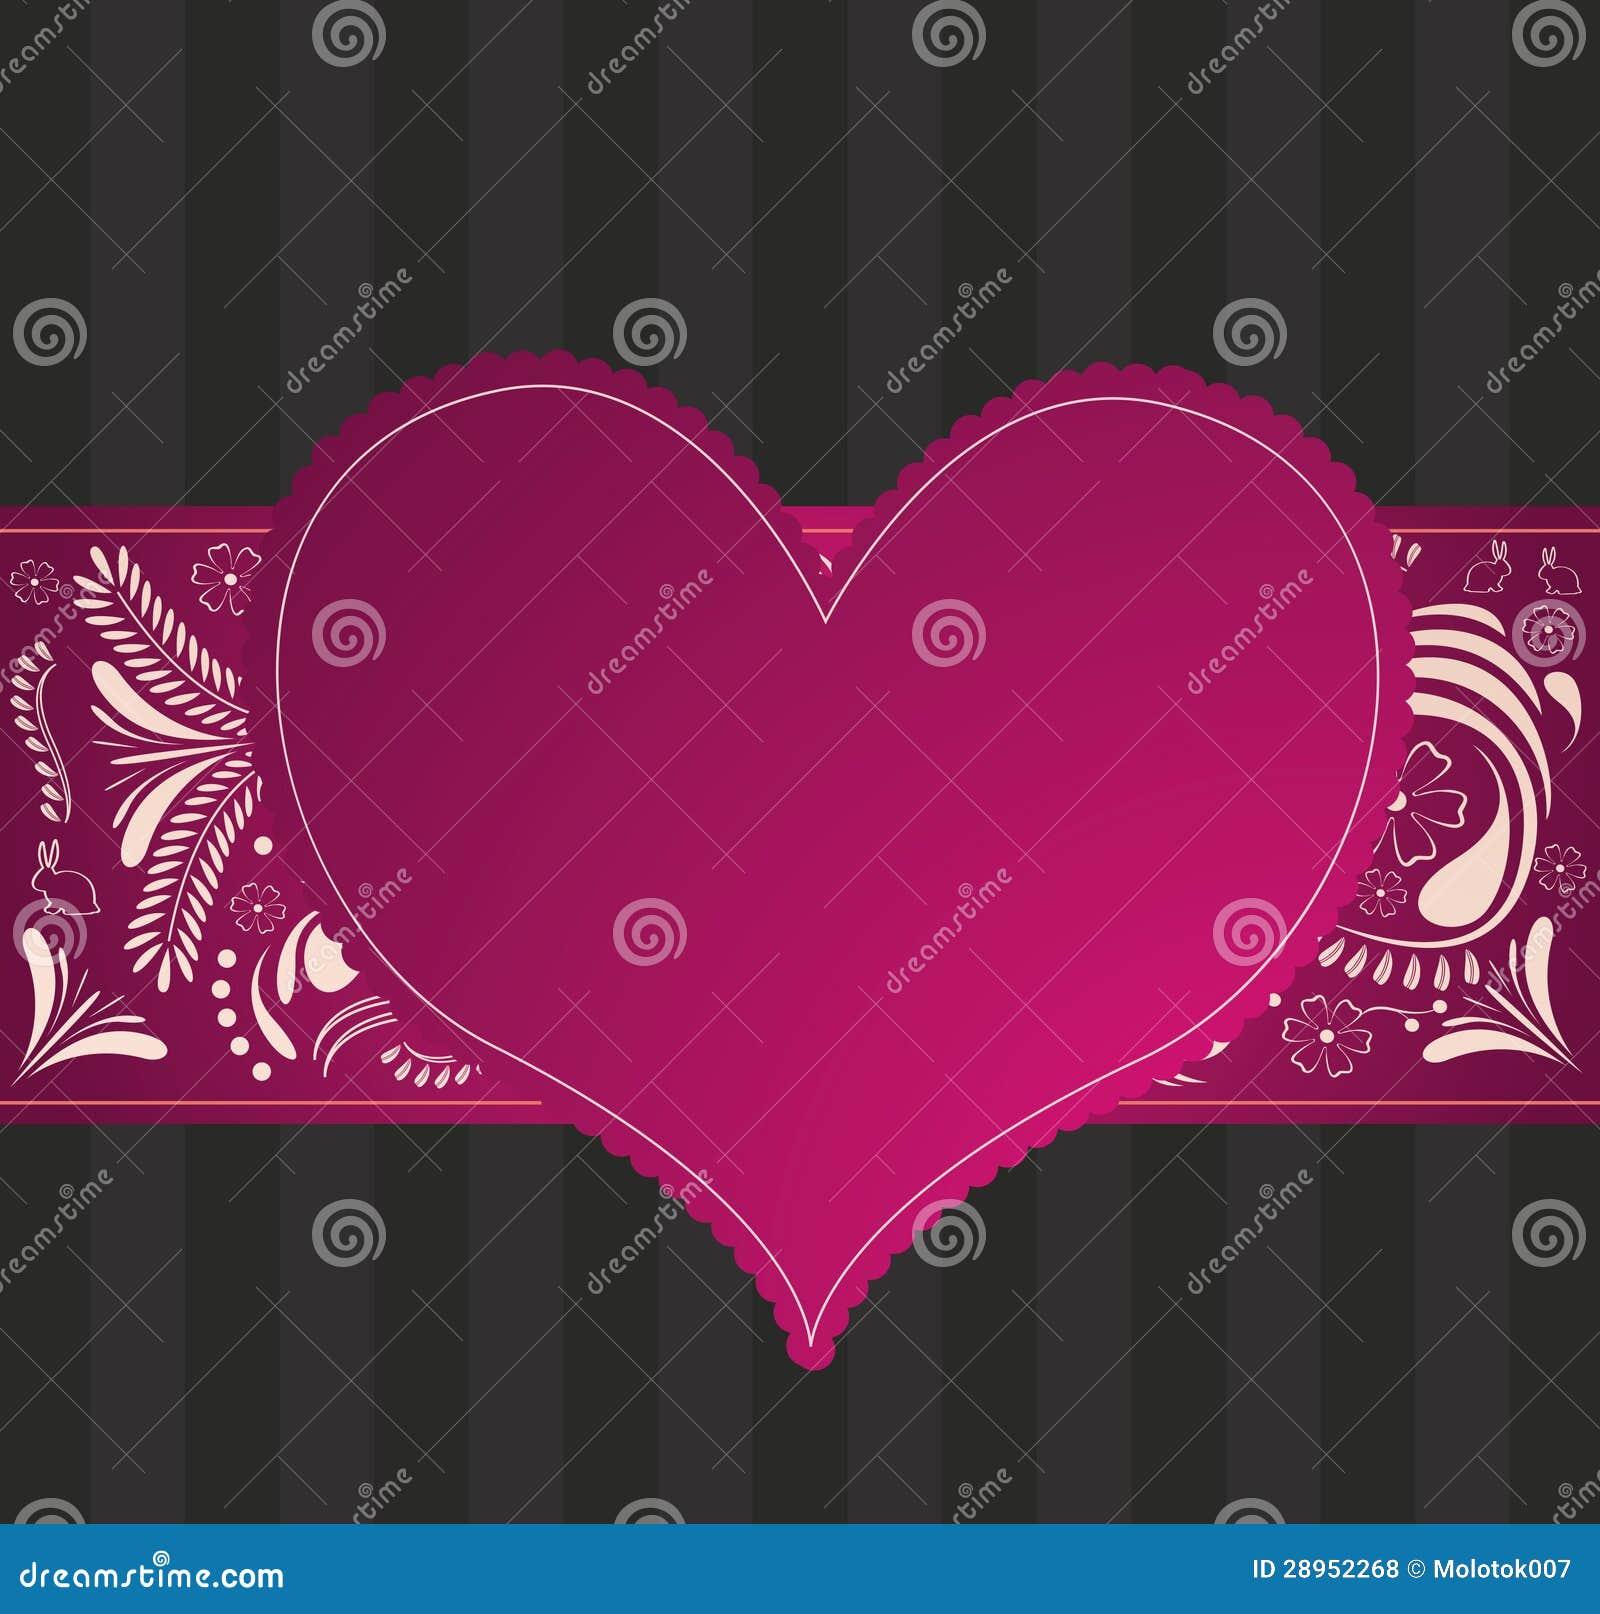 Walentynka wzór z sercem